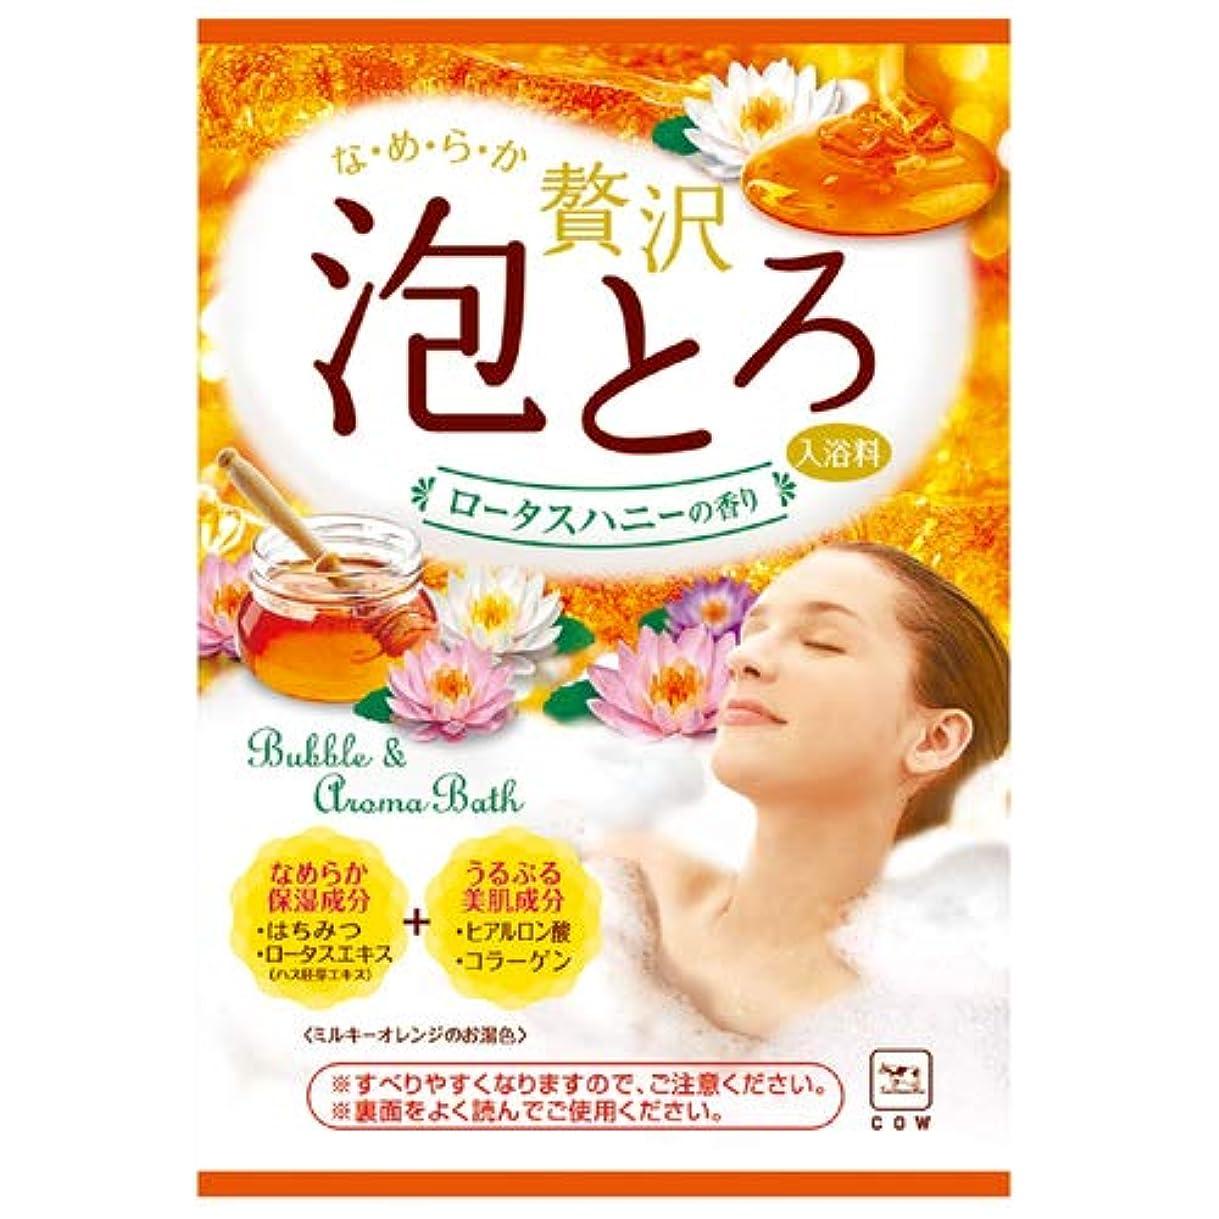 省略晩ごはん気まぐれなお湯物語 贅沢泡とろ入浴料 ロータスハニーの香り 30g